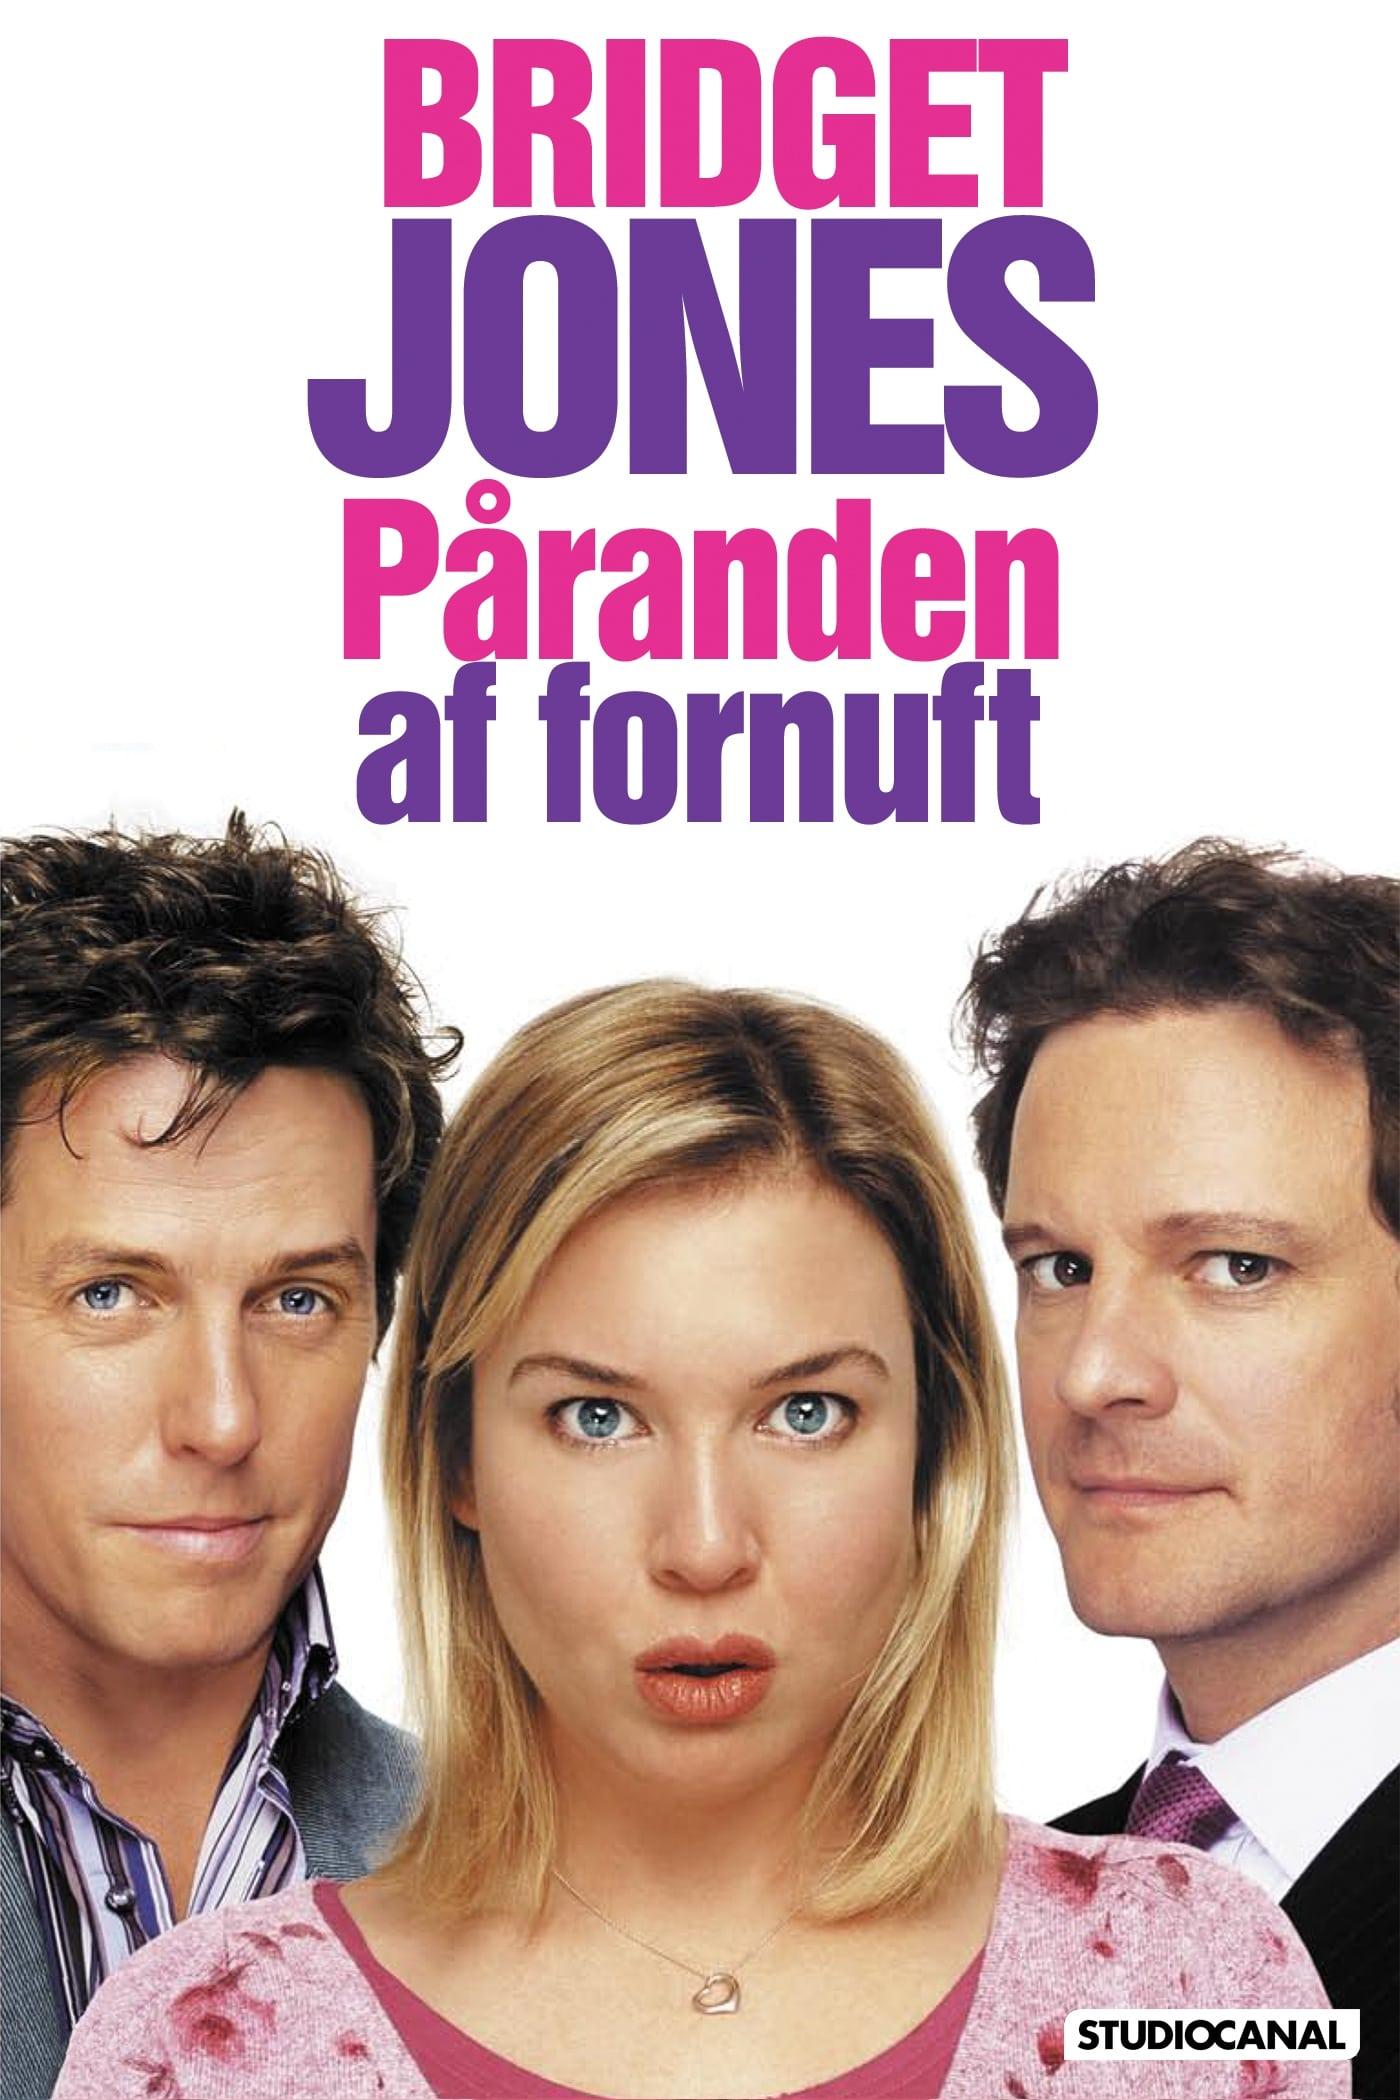 bridget jones the edge of reason 2004 gratis films kijken met ondertiteling. Black Bedroom Furniture Sets. Home Design Ideas